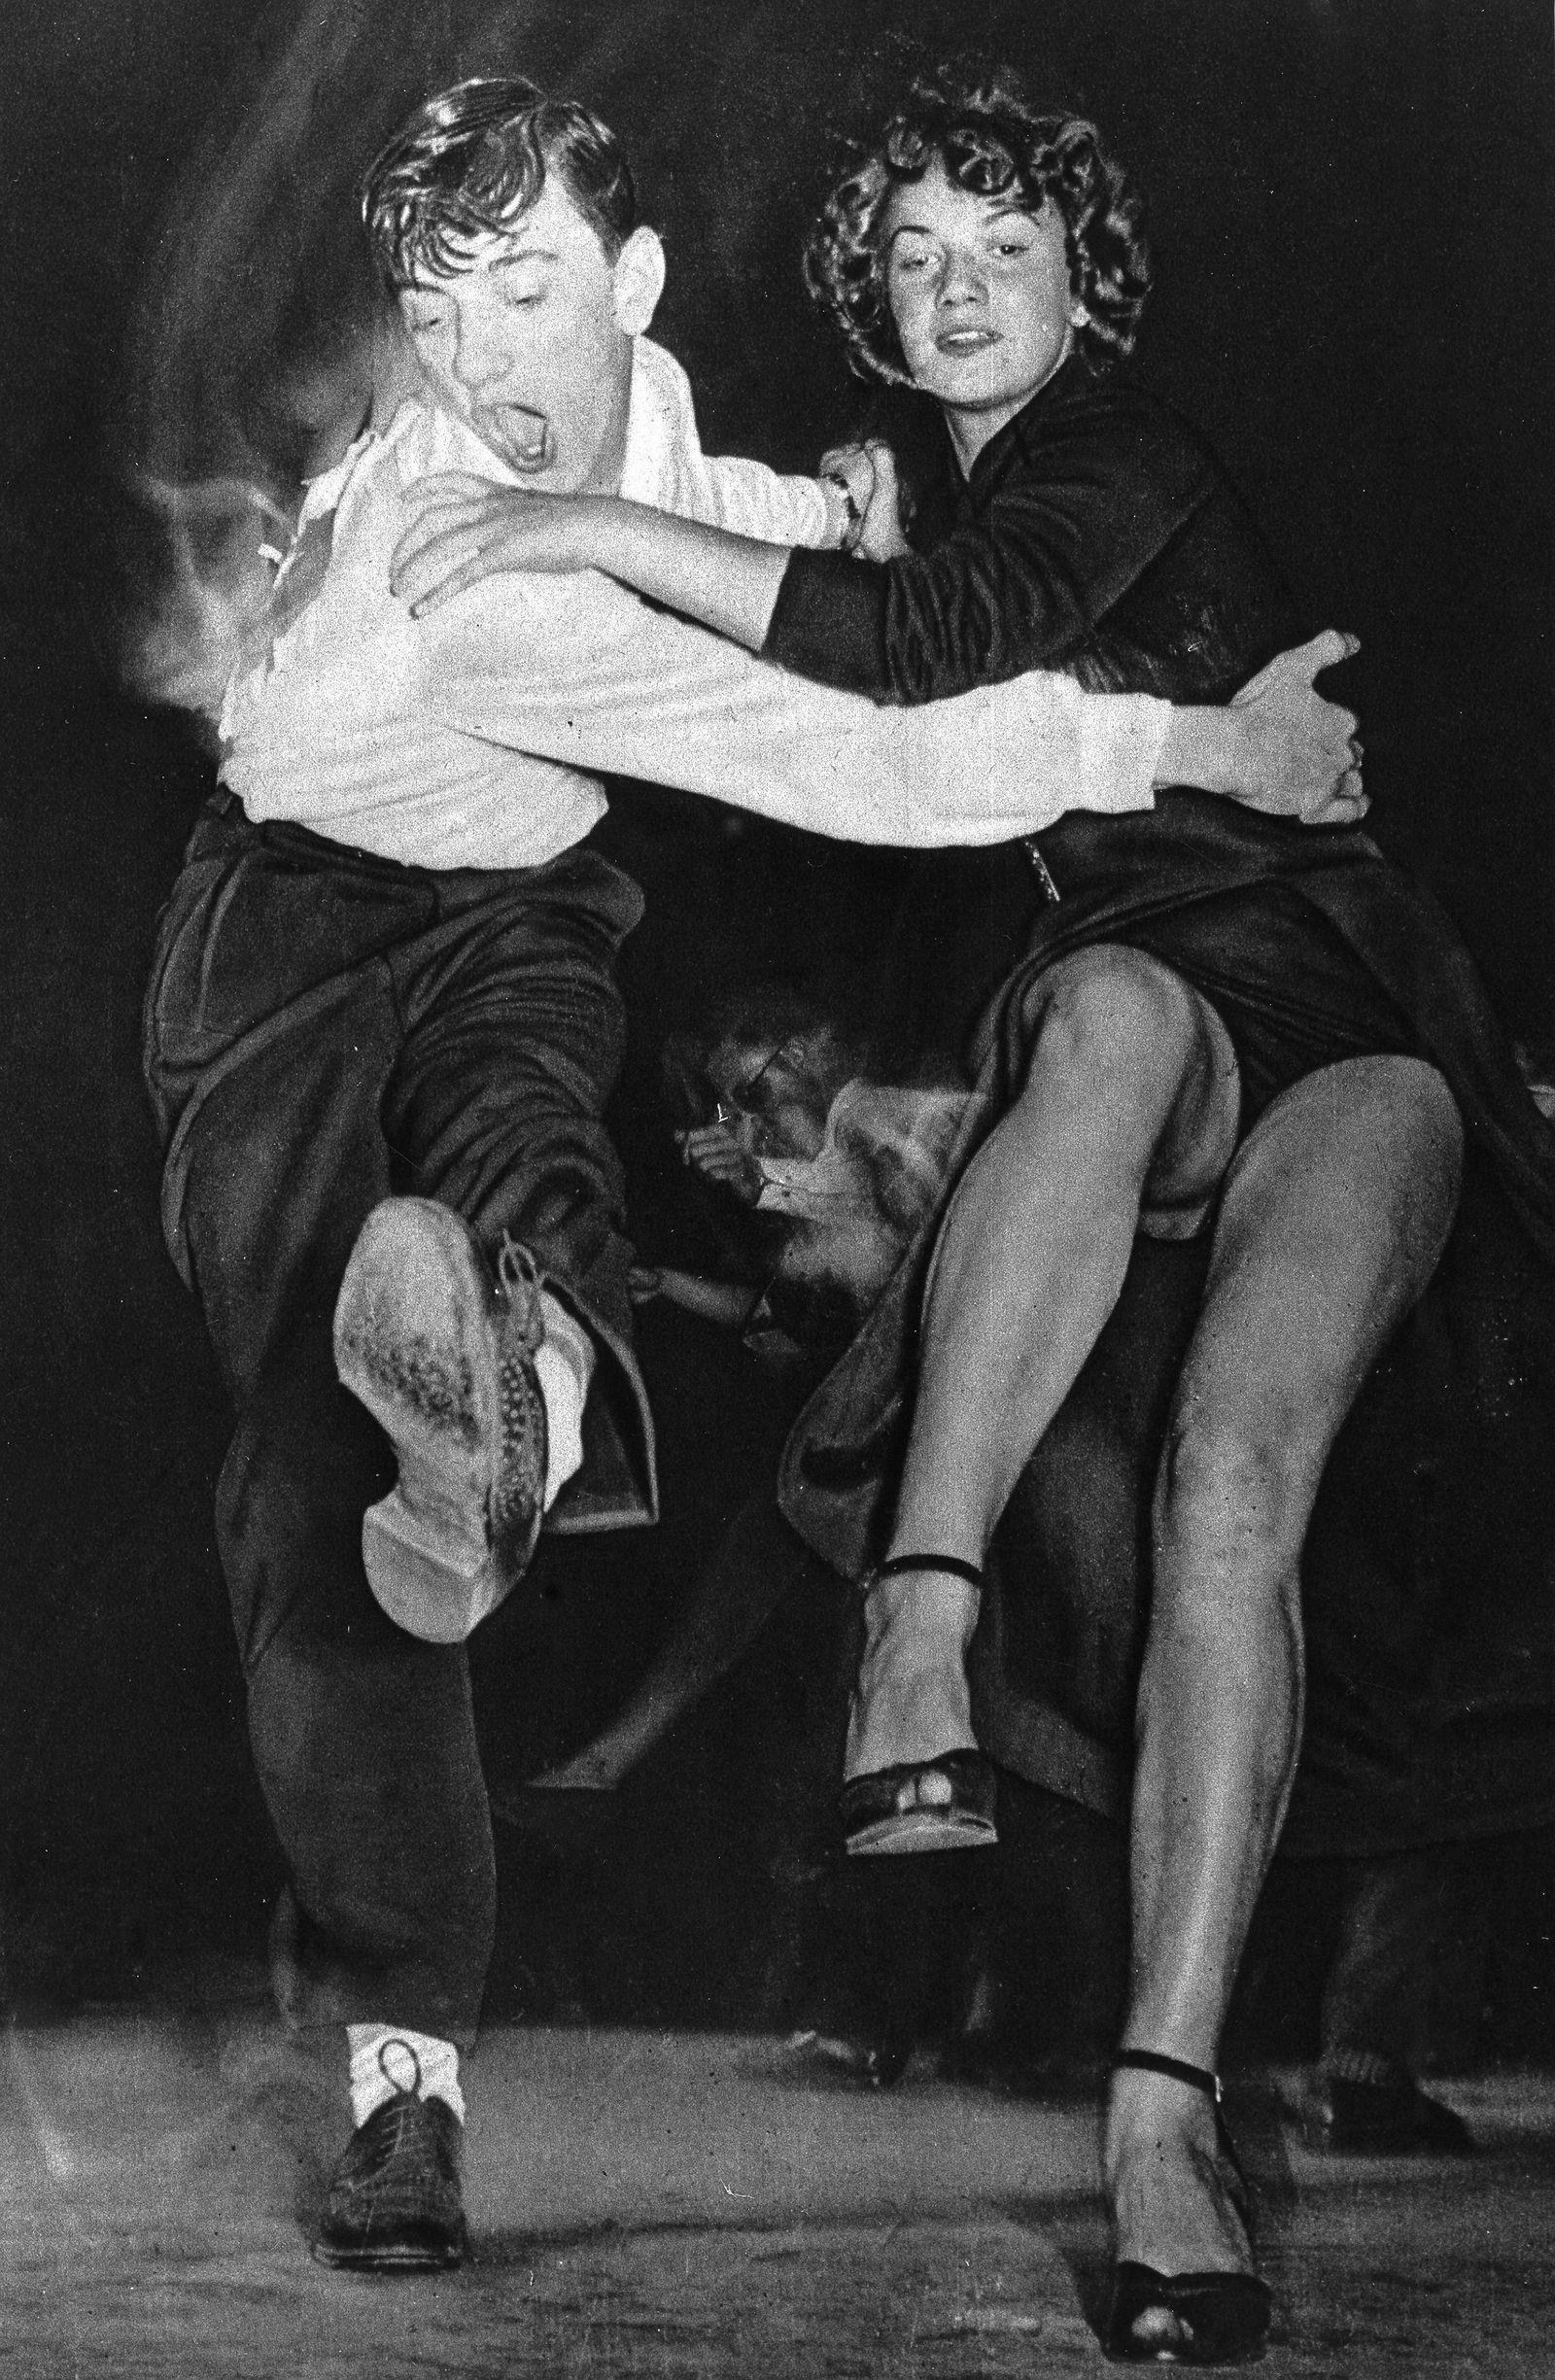 Rock'n Roll / Boogie Woogie: Tanzpaar - 1950